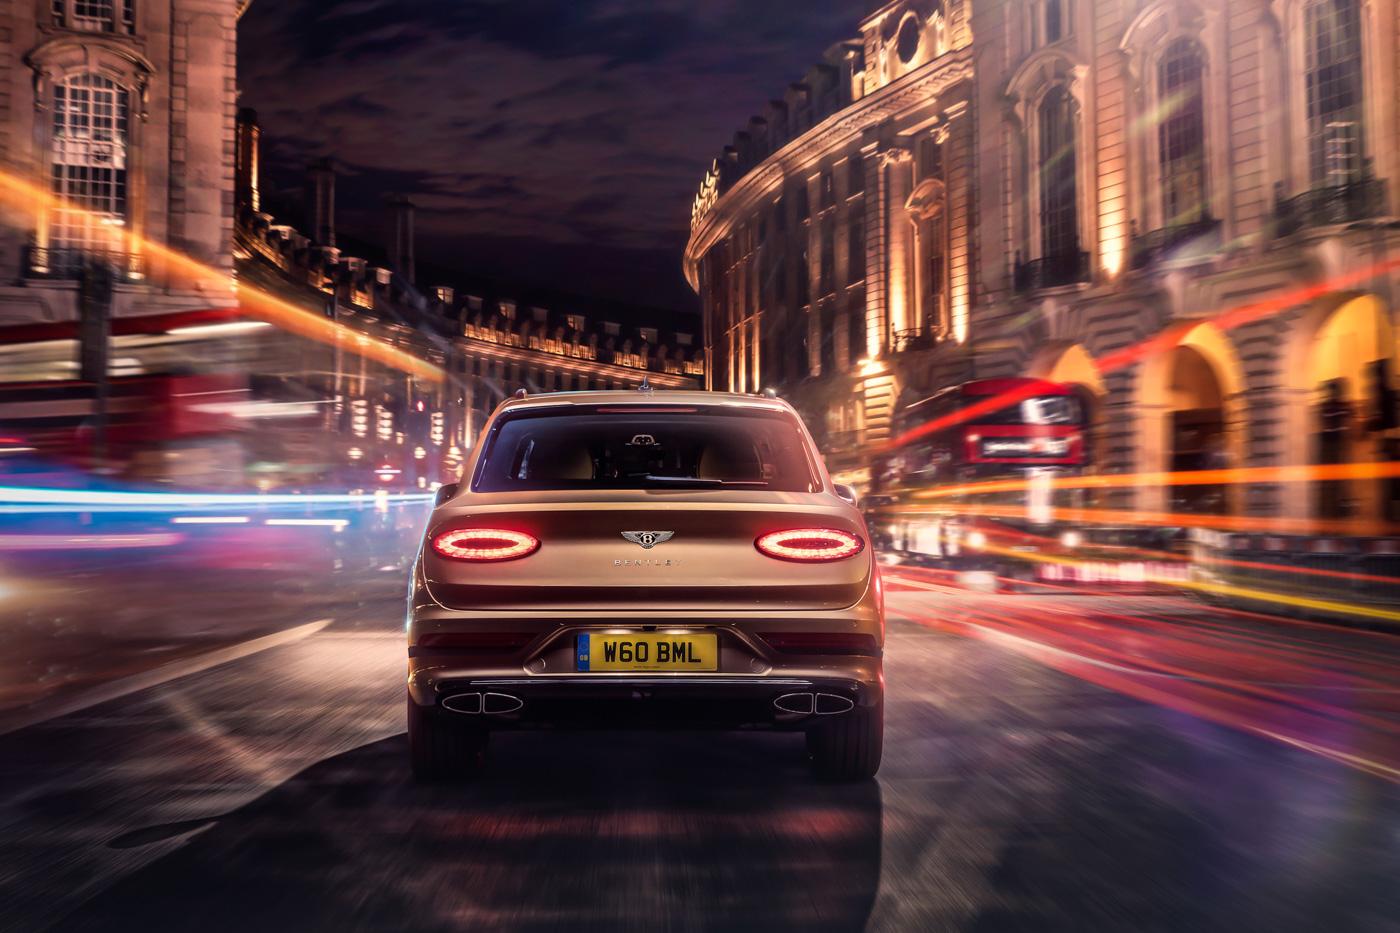 SUV-siêu-sang-Bentley-Bentayga-Hybrid-sẵn-sàng-đến-tay-khách-hàng-tại-Châu-Âu-3.jpg